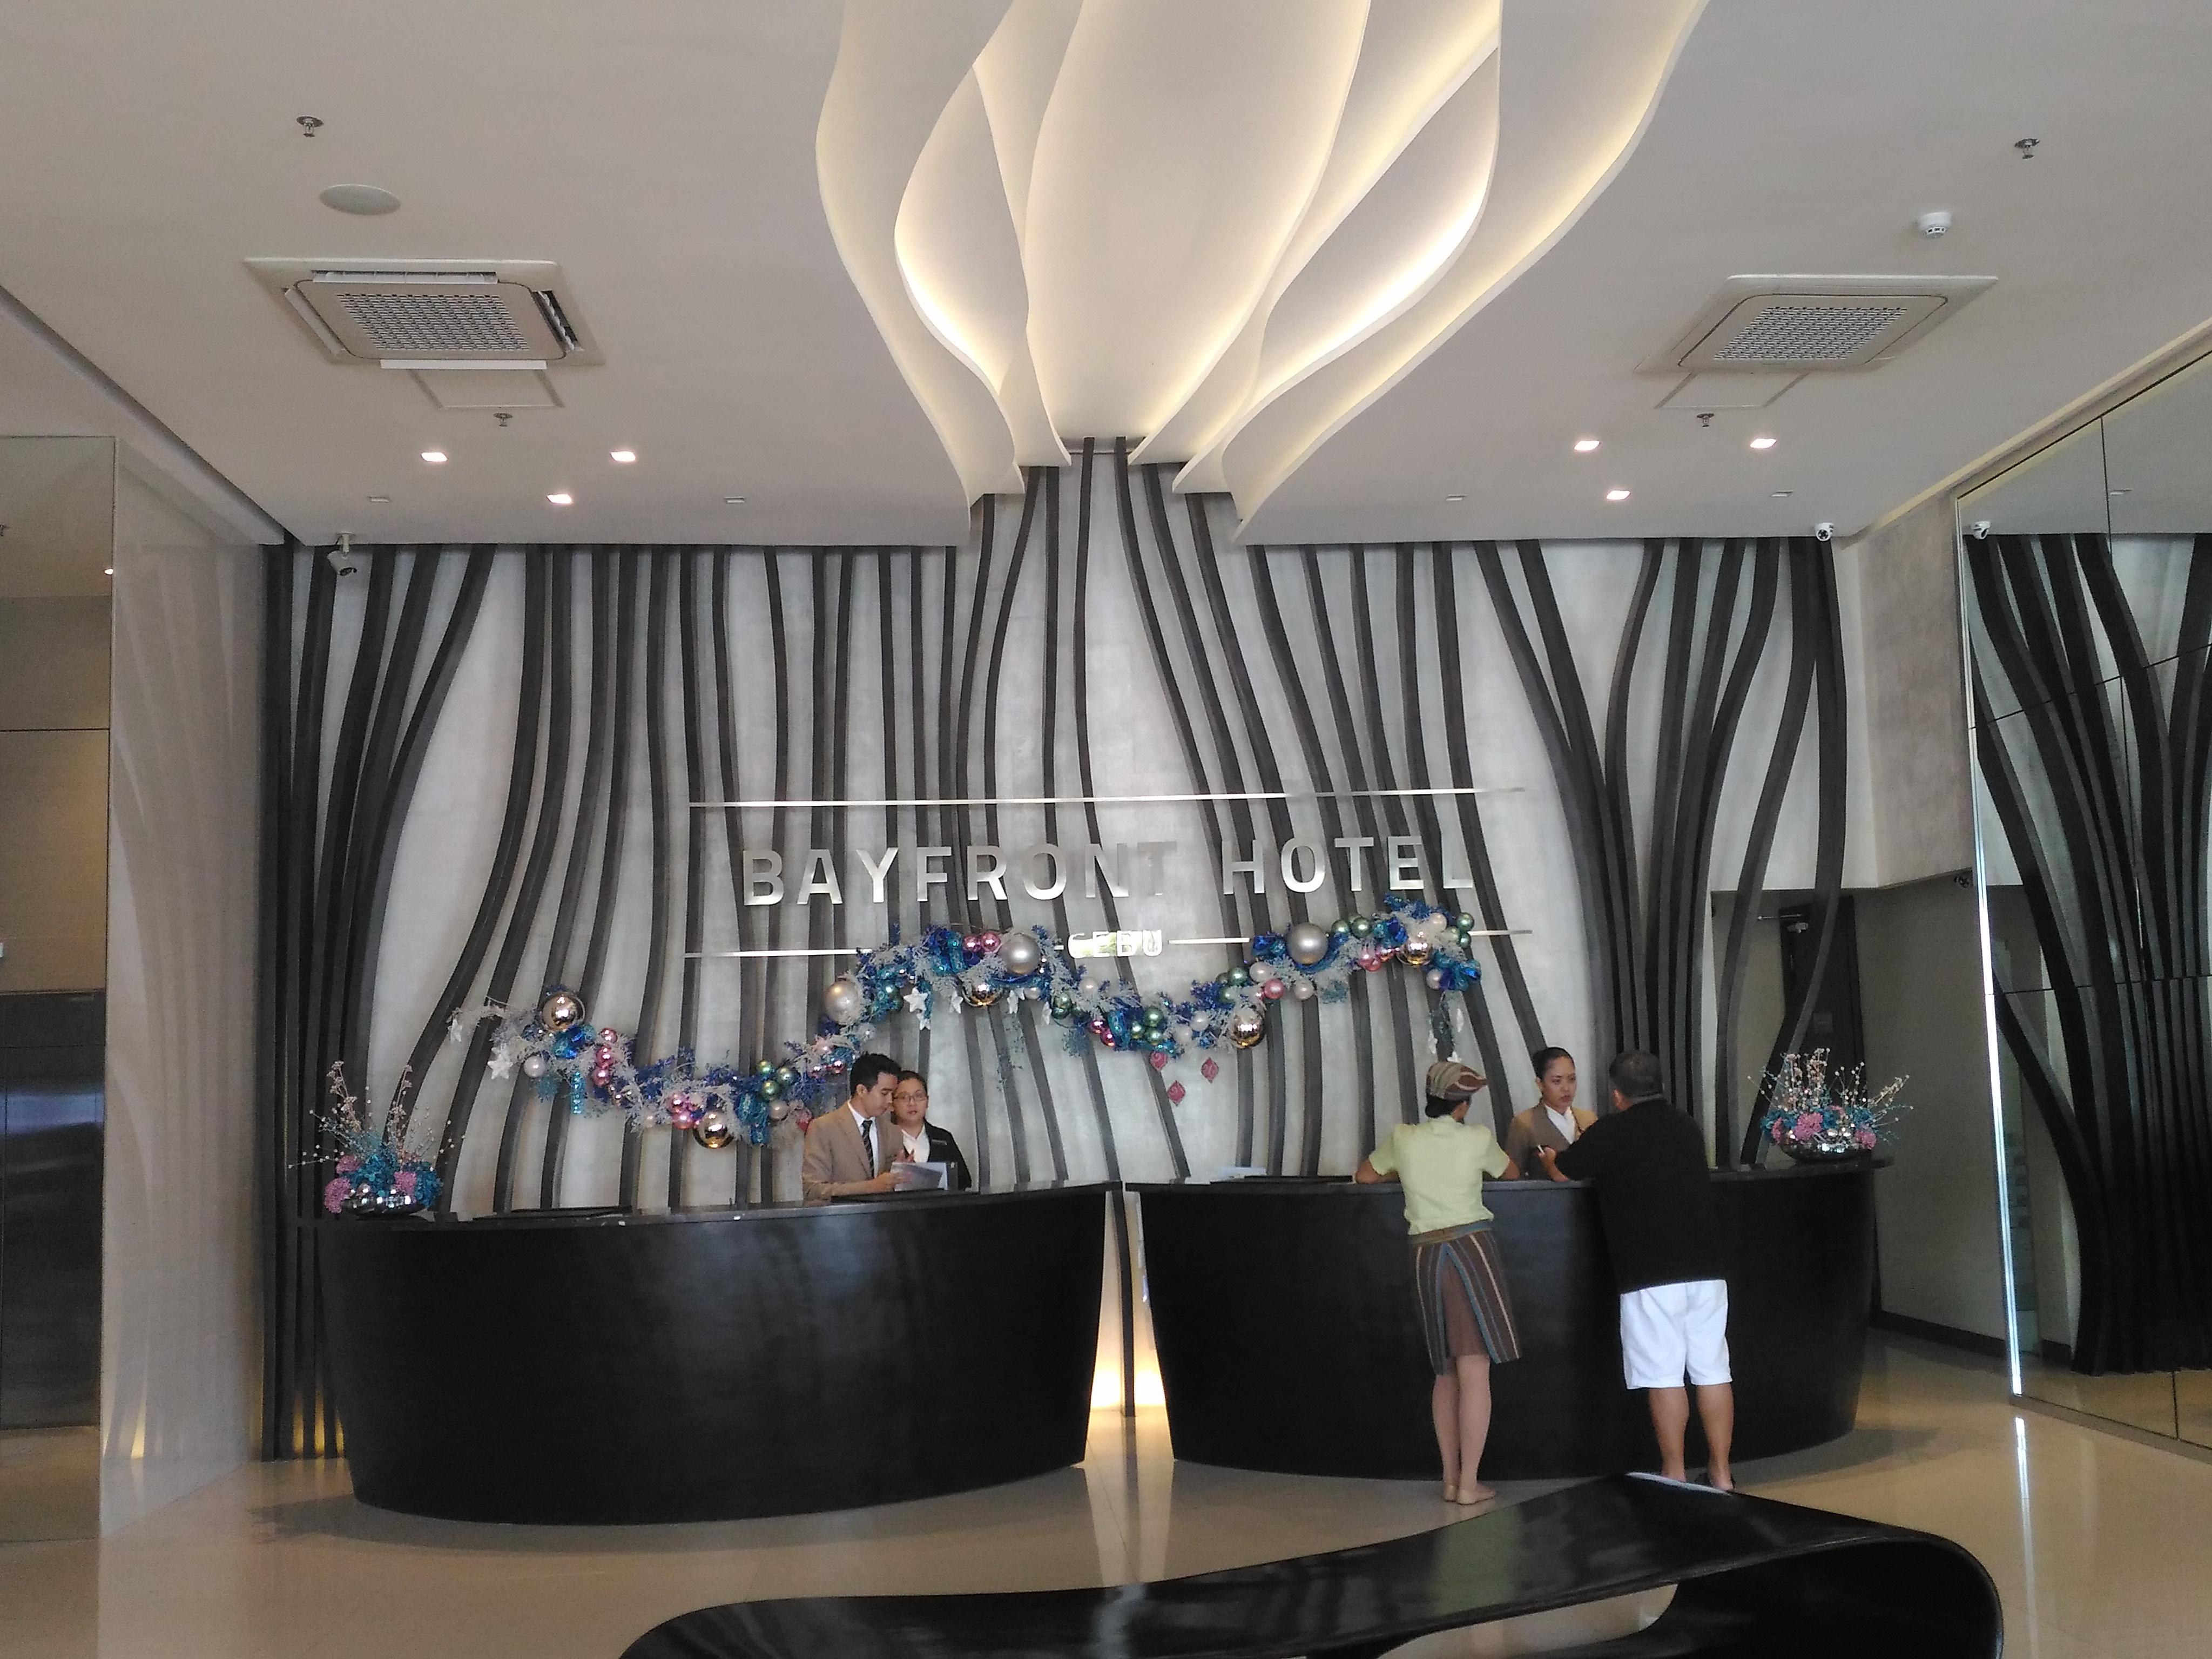 Where to stay in Cebu: Bayfront Hotel Cebu